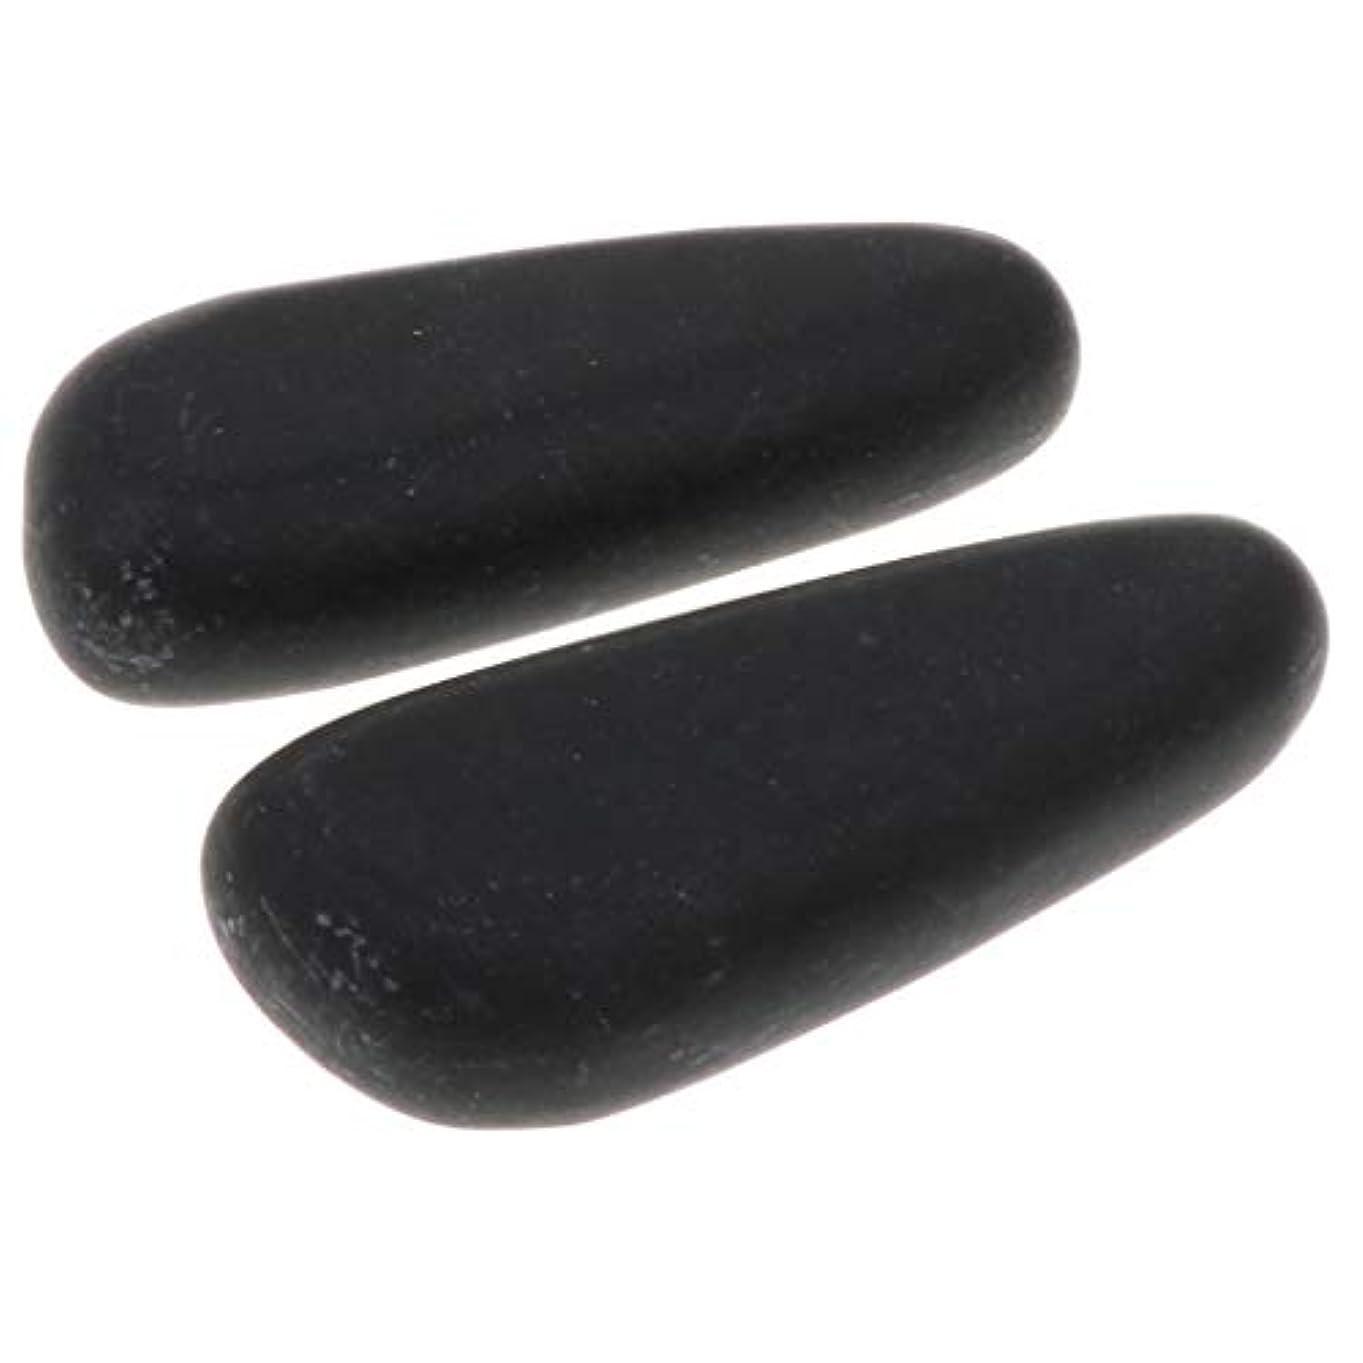 盲信しつけ静かなFenteer 全2サイズ ホットストーン マッサージ石 マッサージストーン 玄武岩 ボディマッサージ スパ 2個入 - 8×3.2×2cm